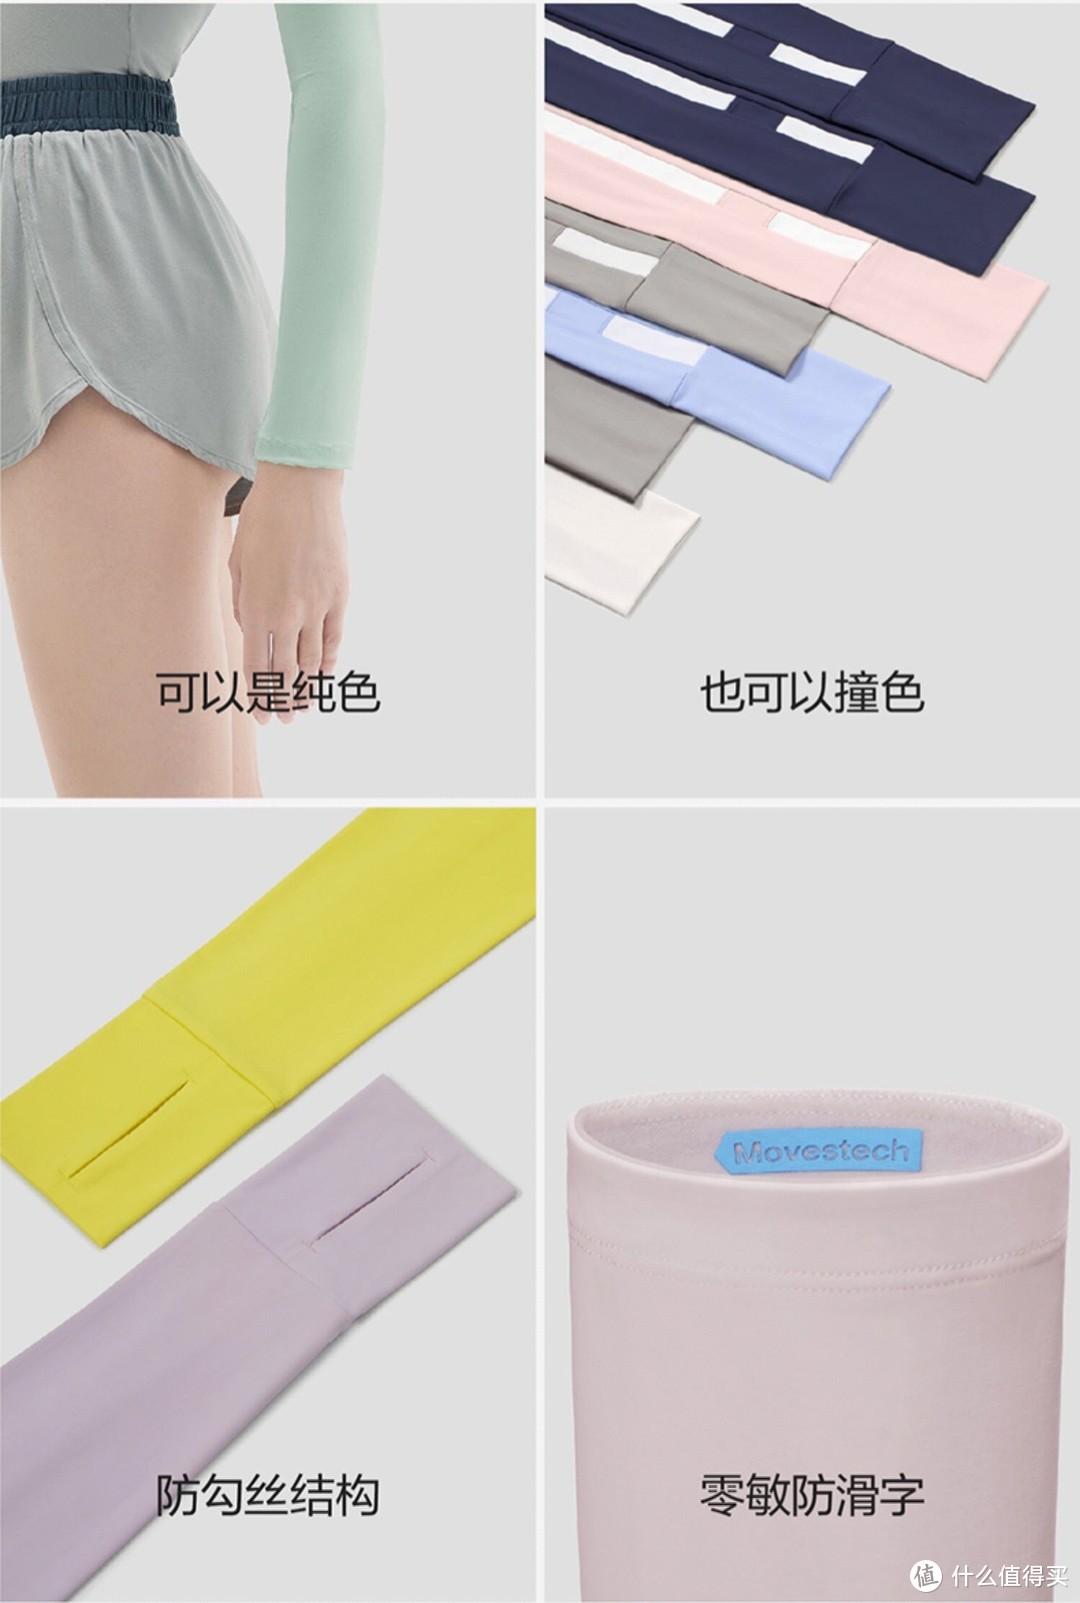 觉得白色太单调还有不同的款式和颜色可供选择